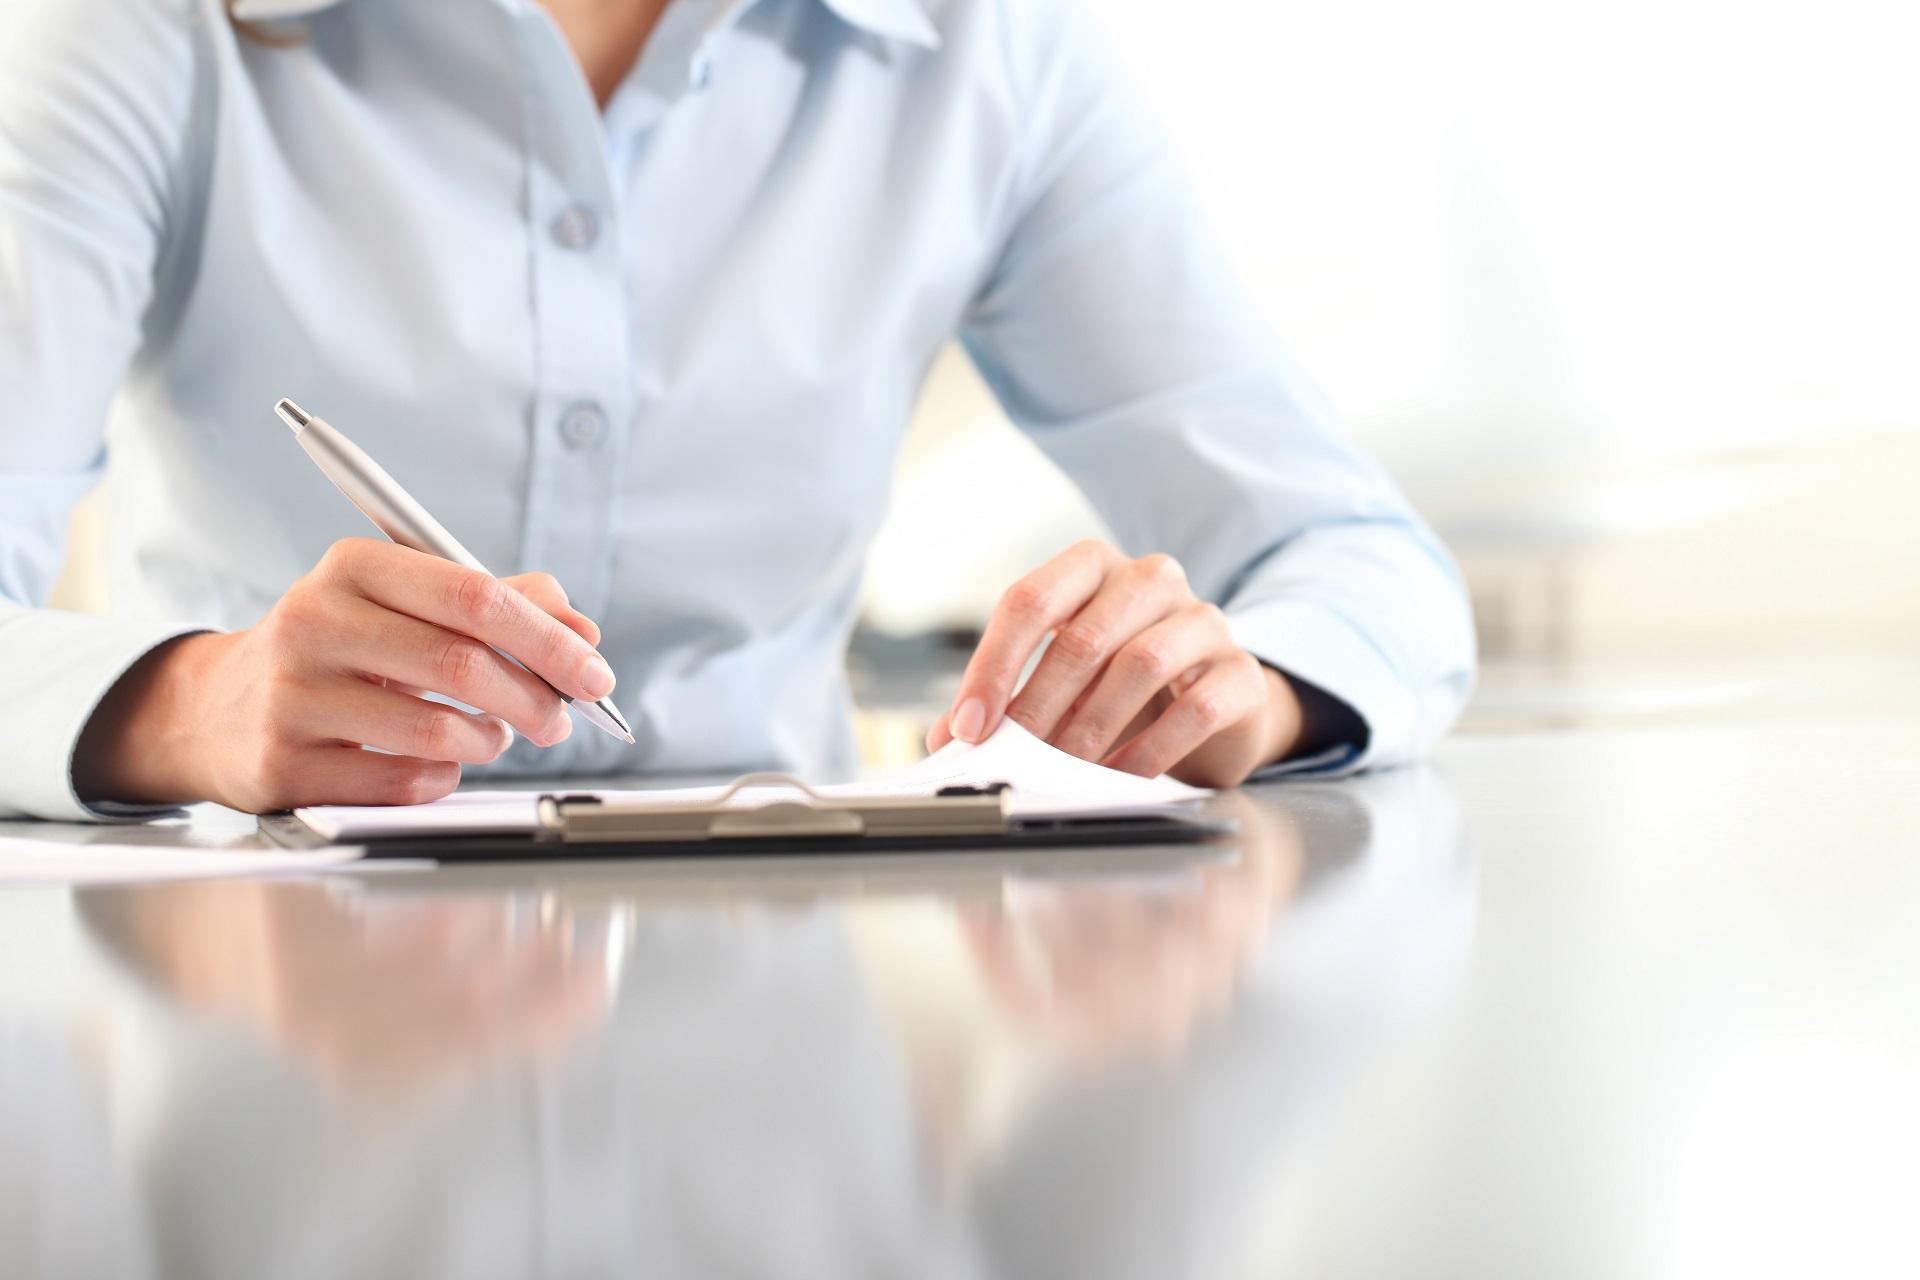 Checkliste für einen Vor-Ort-Beratungstermin